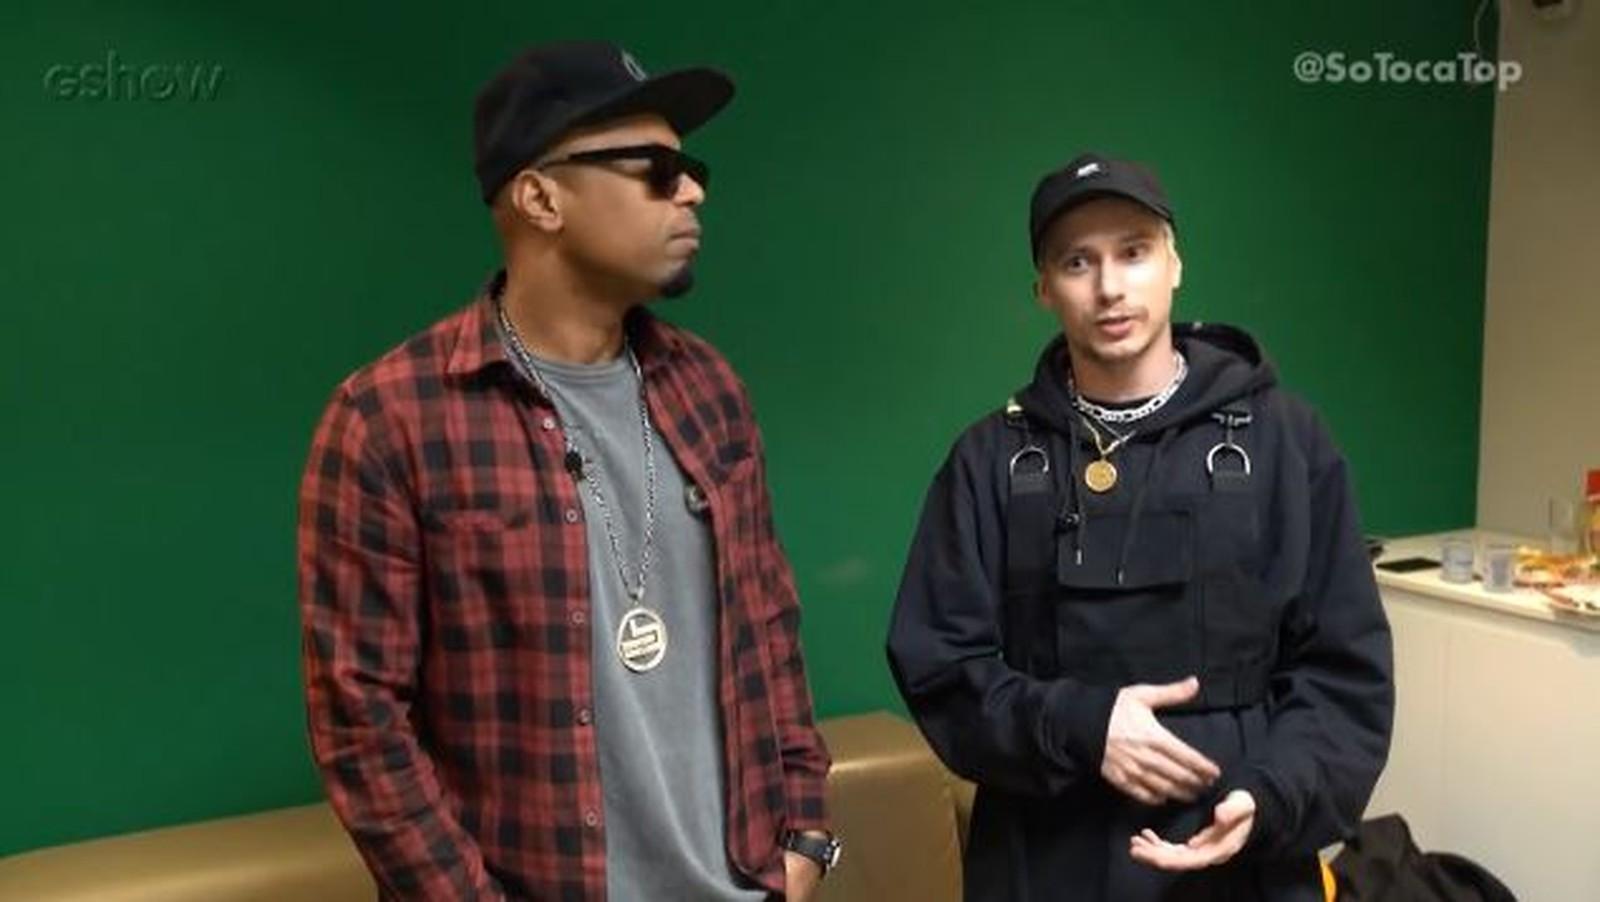 Buchecha e PK conversaram com o Gshow nos bastidores do 'SóTocaTop' — Foto: Gshow